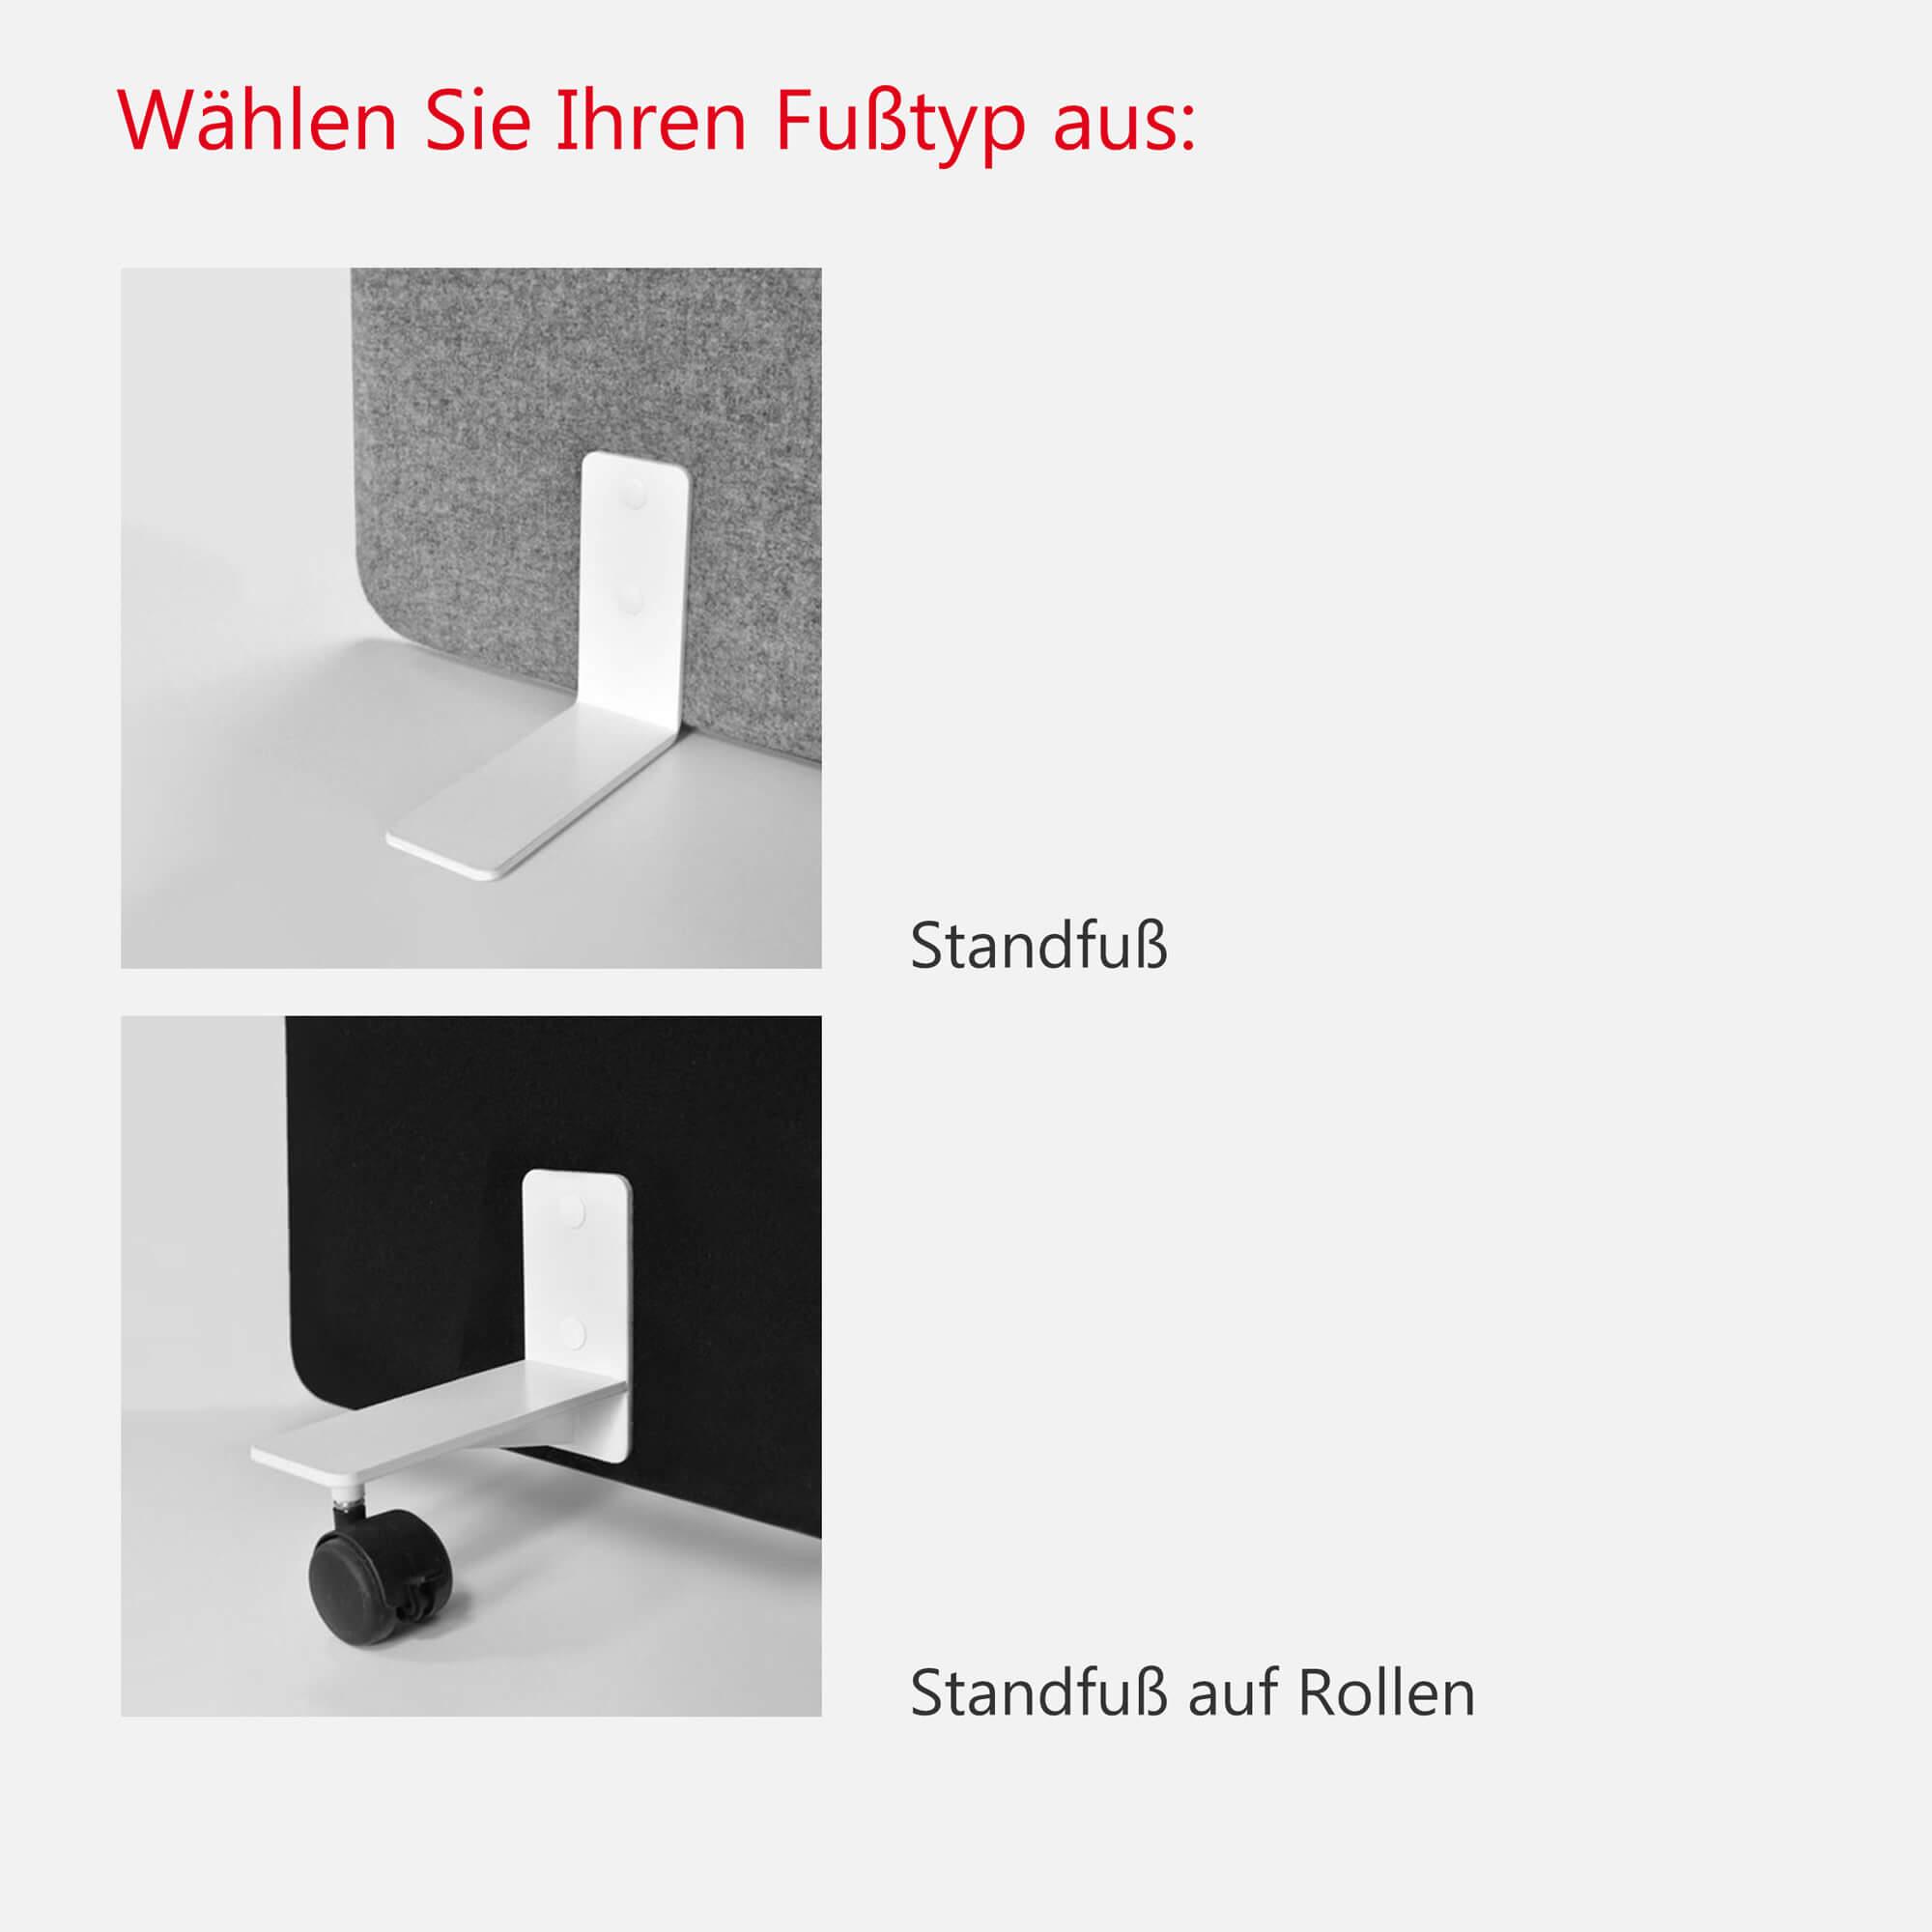 Stellwand Flexible Trennwand FREE STANDING Lärmschutz Sichtschutz Schallabsorbierend Raumteiler Akustik VELITO SYNERGY